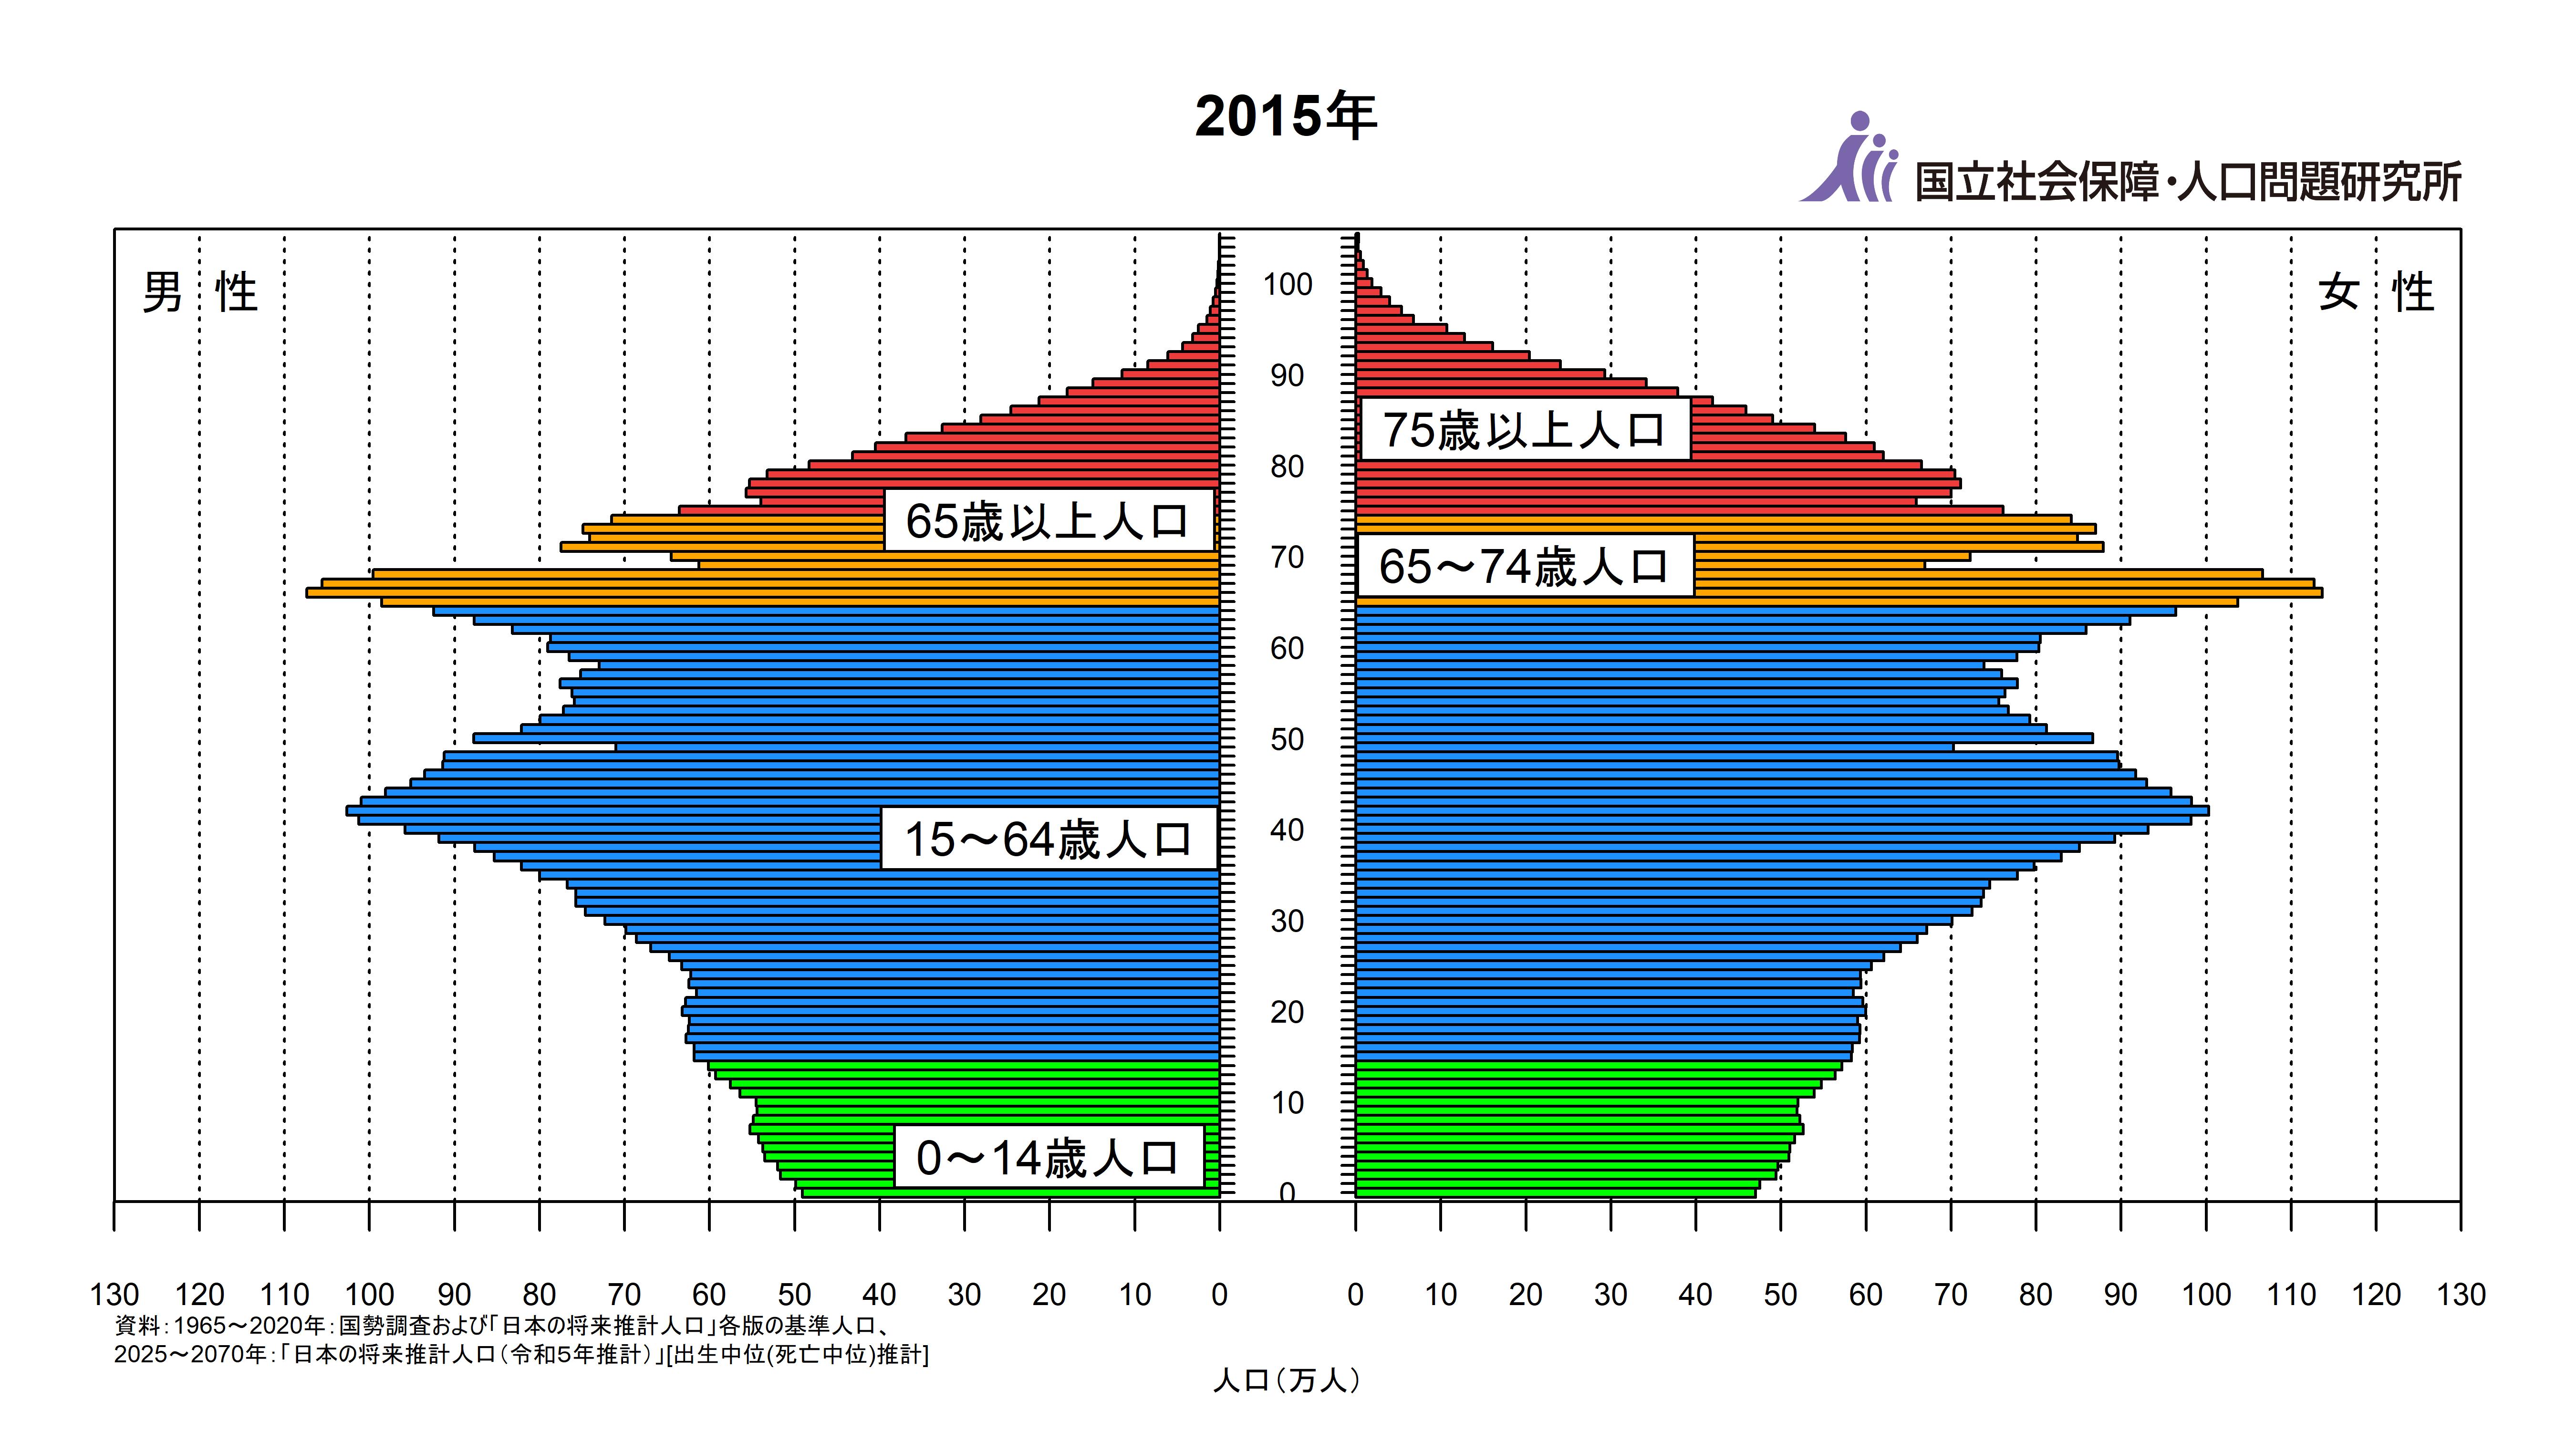 日本の人口ピラミッド 2015年